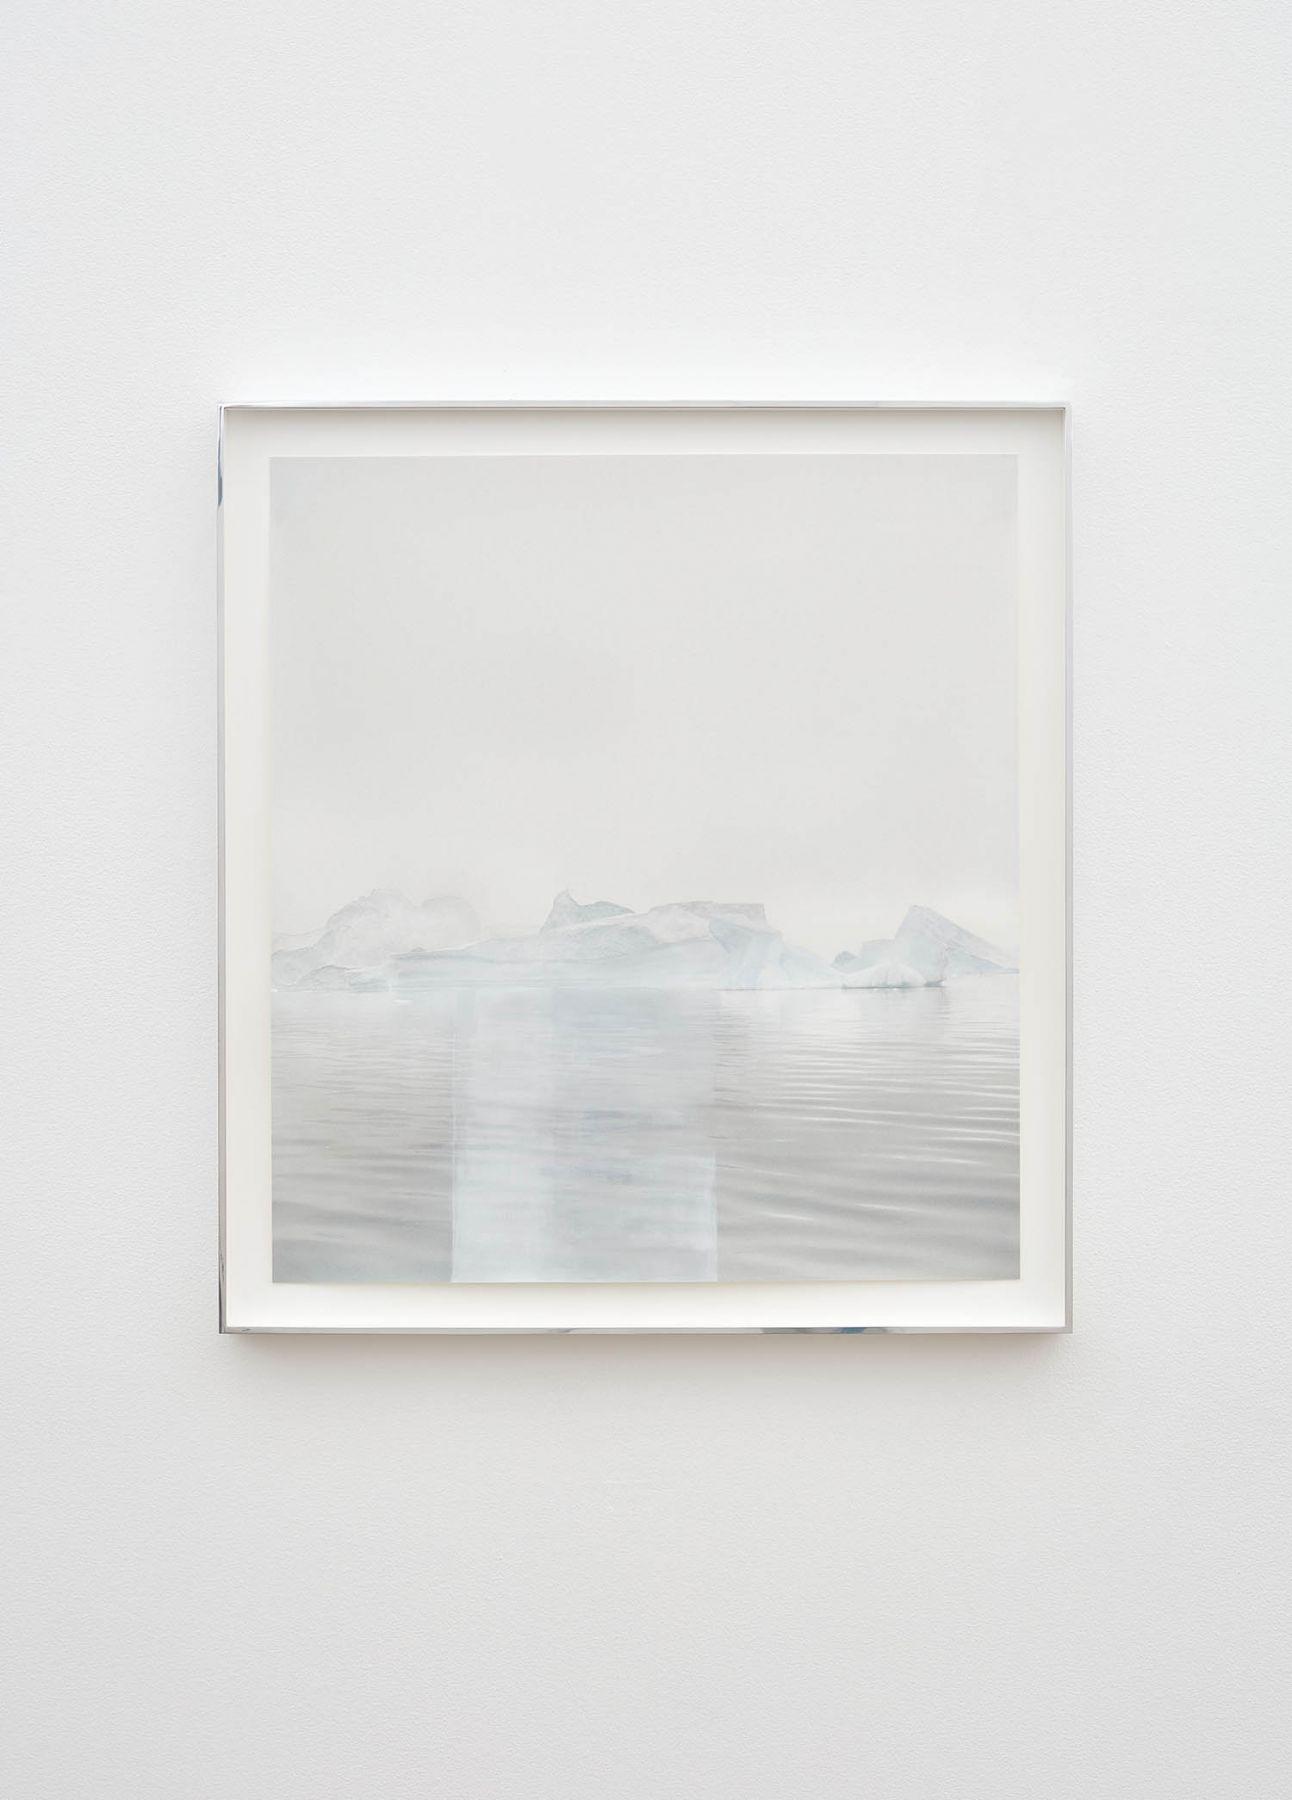 Liza Ryan, Glass, 2017